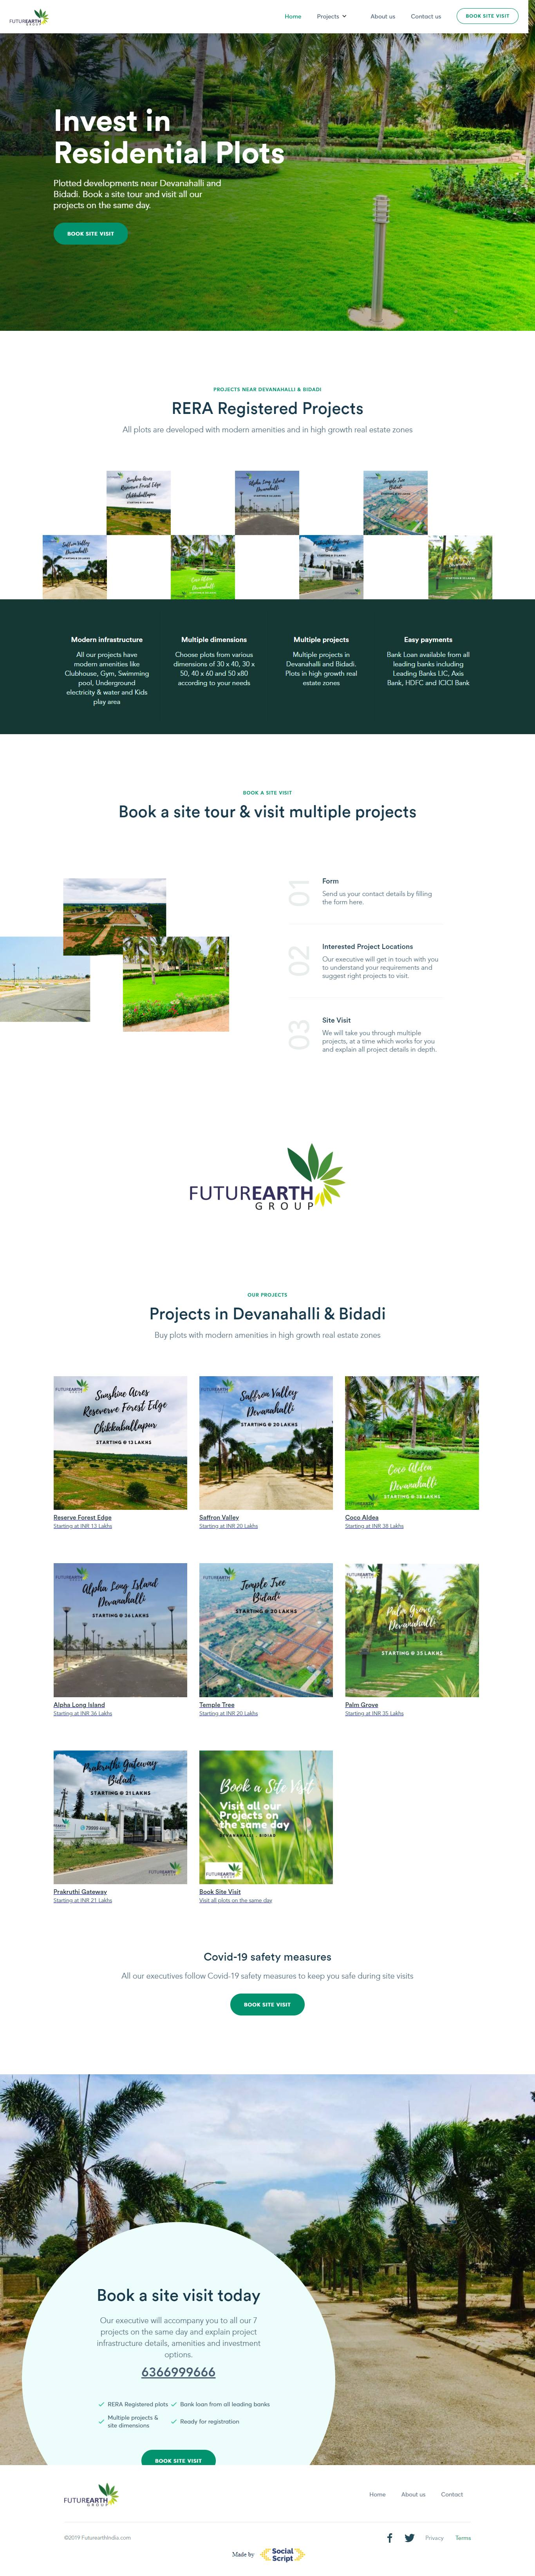 Futurearth